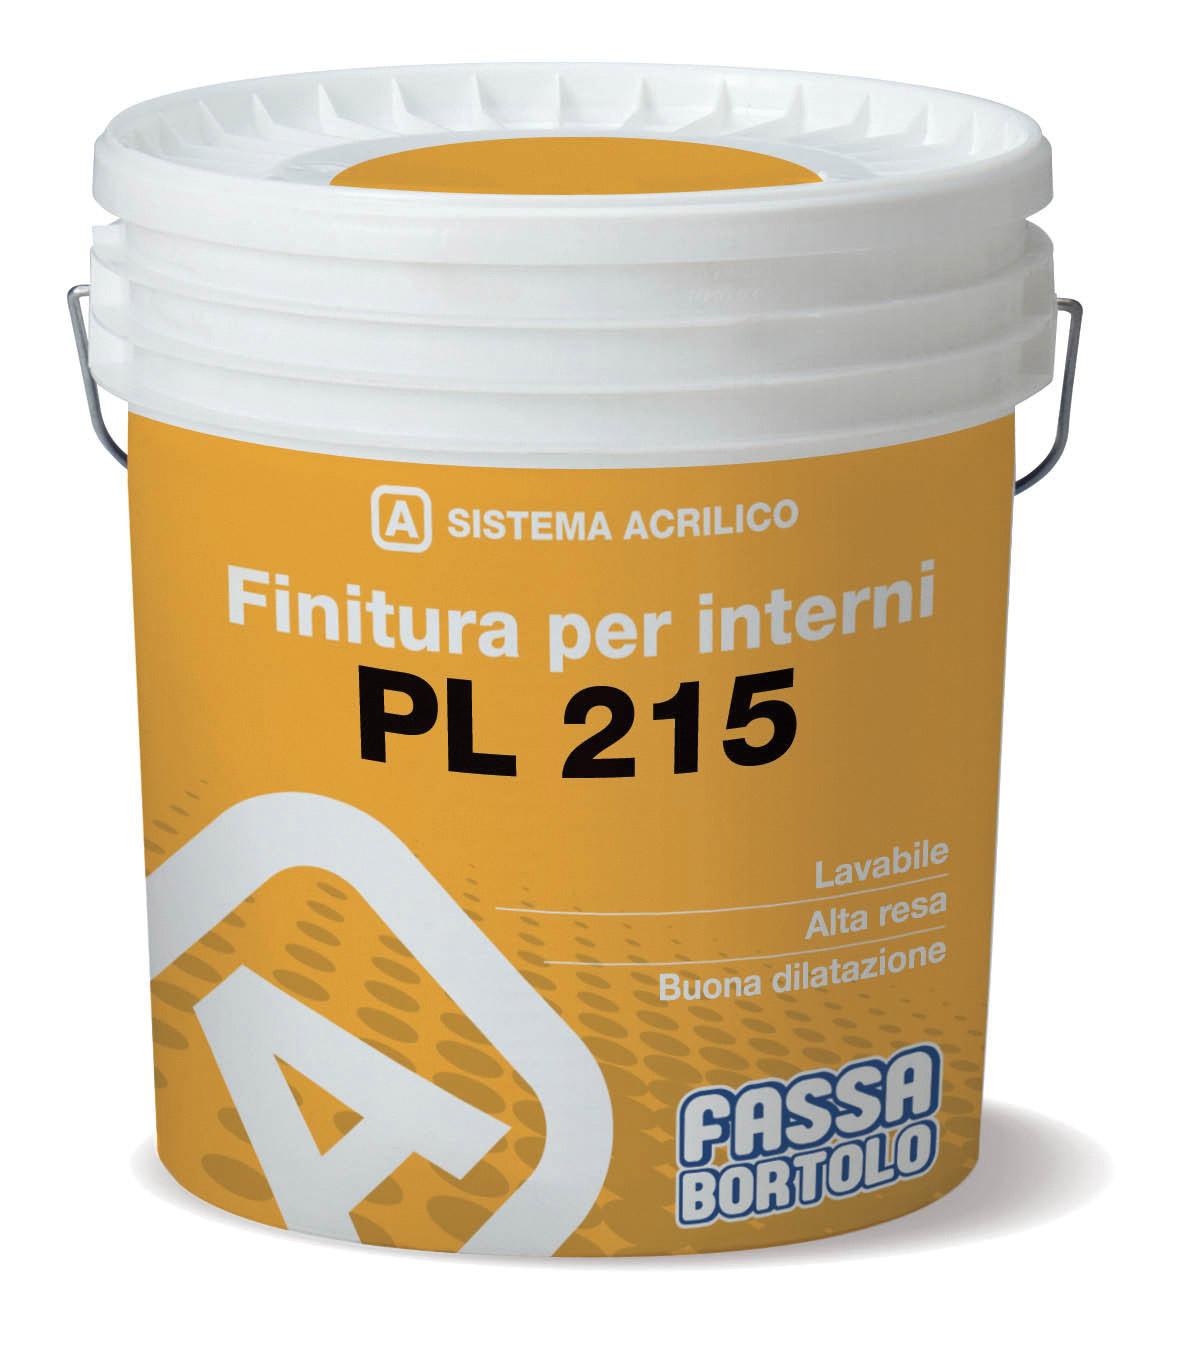 PL 215: Idropittura lavabile